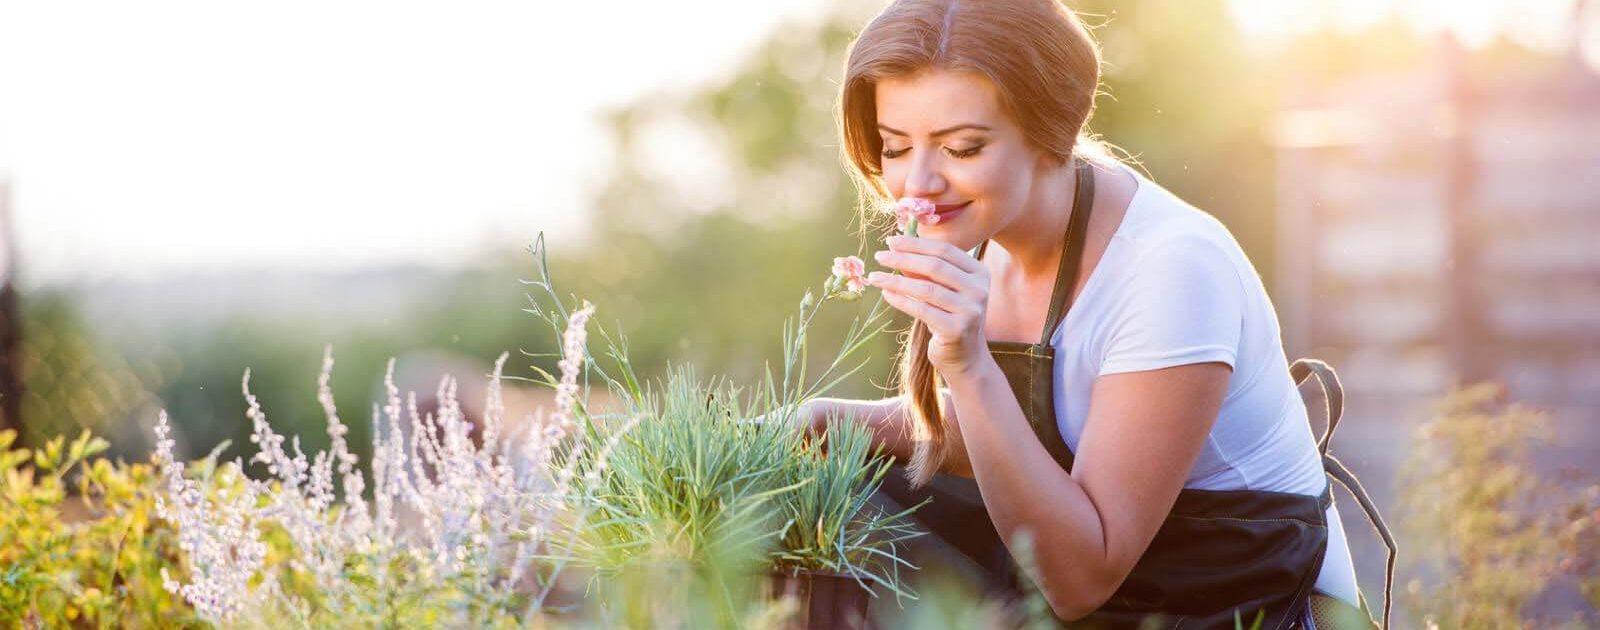 Eine junge Frau kann trotz Hyposmie noch den Duft von Blumen riechen